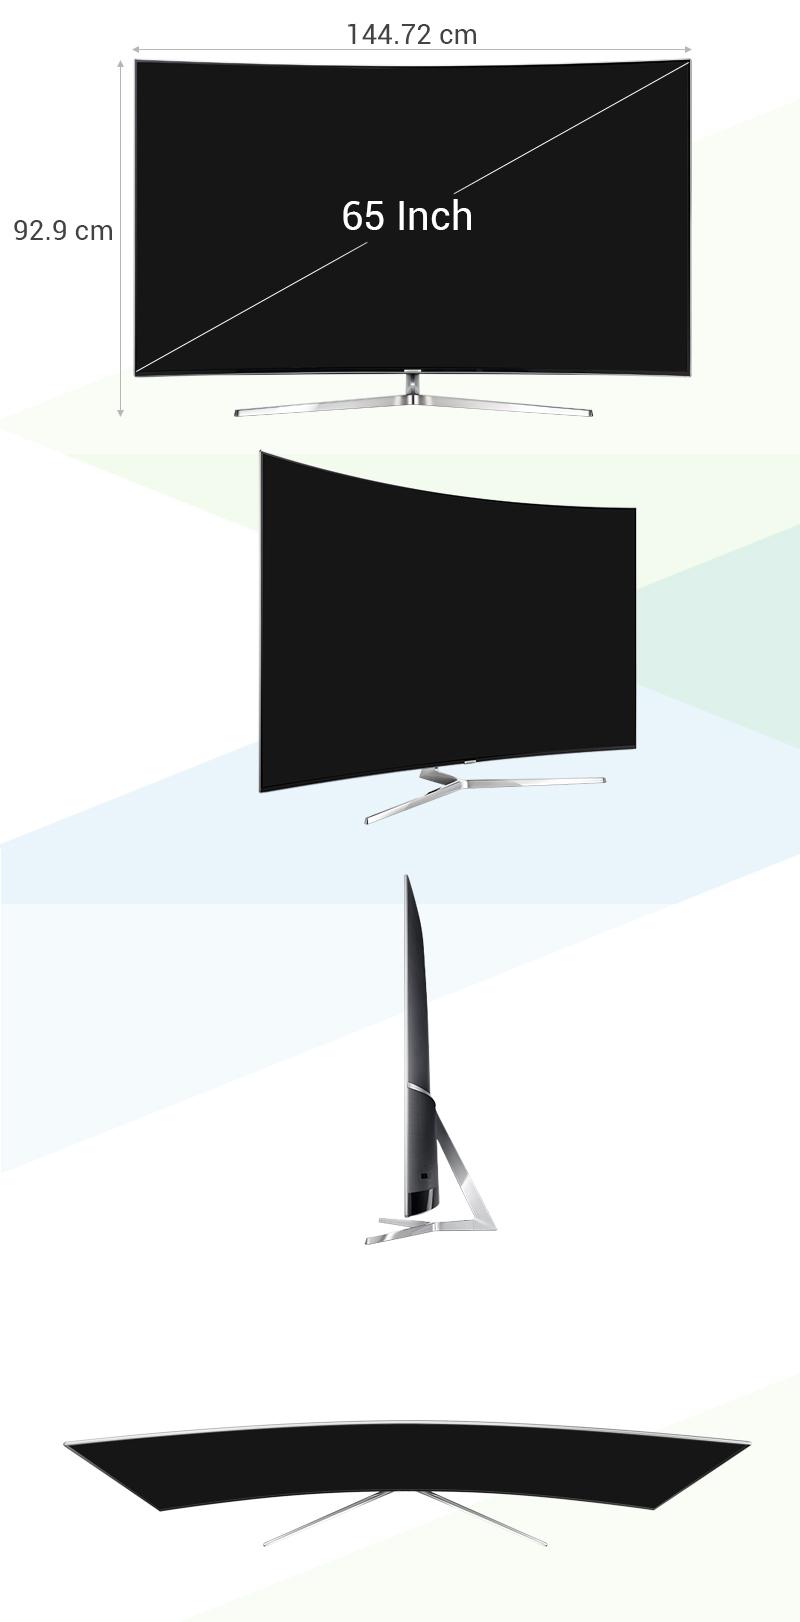 Smart tivi Samsung 65 inch UA65KS9000 - Kích thước tivi